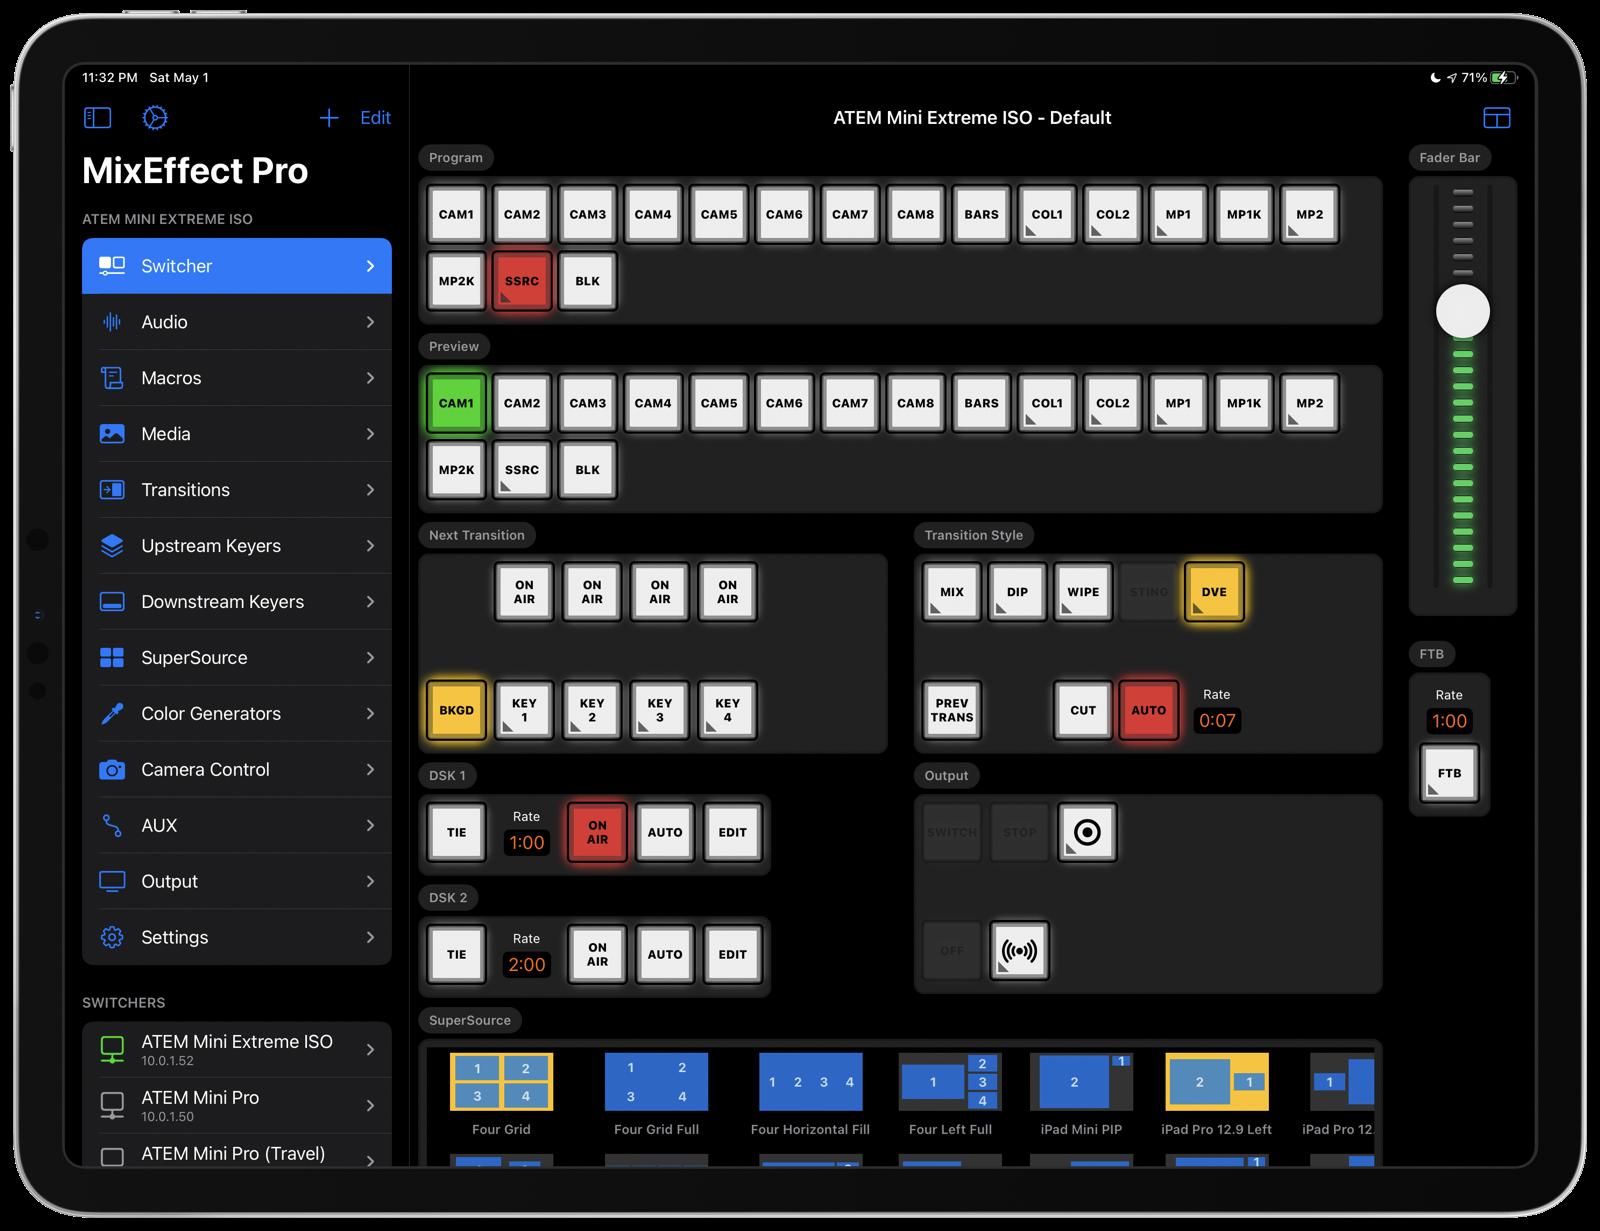 MixEffect on iPadOS